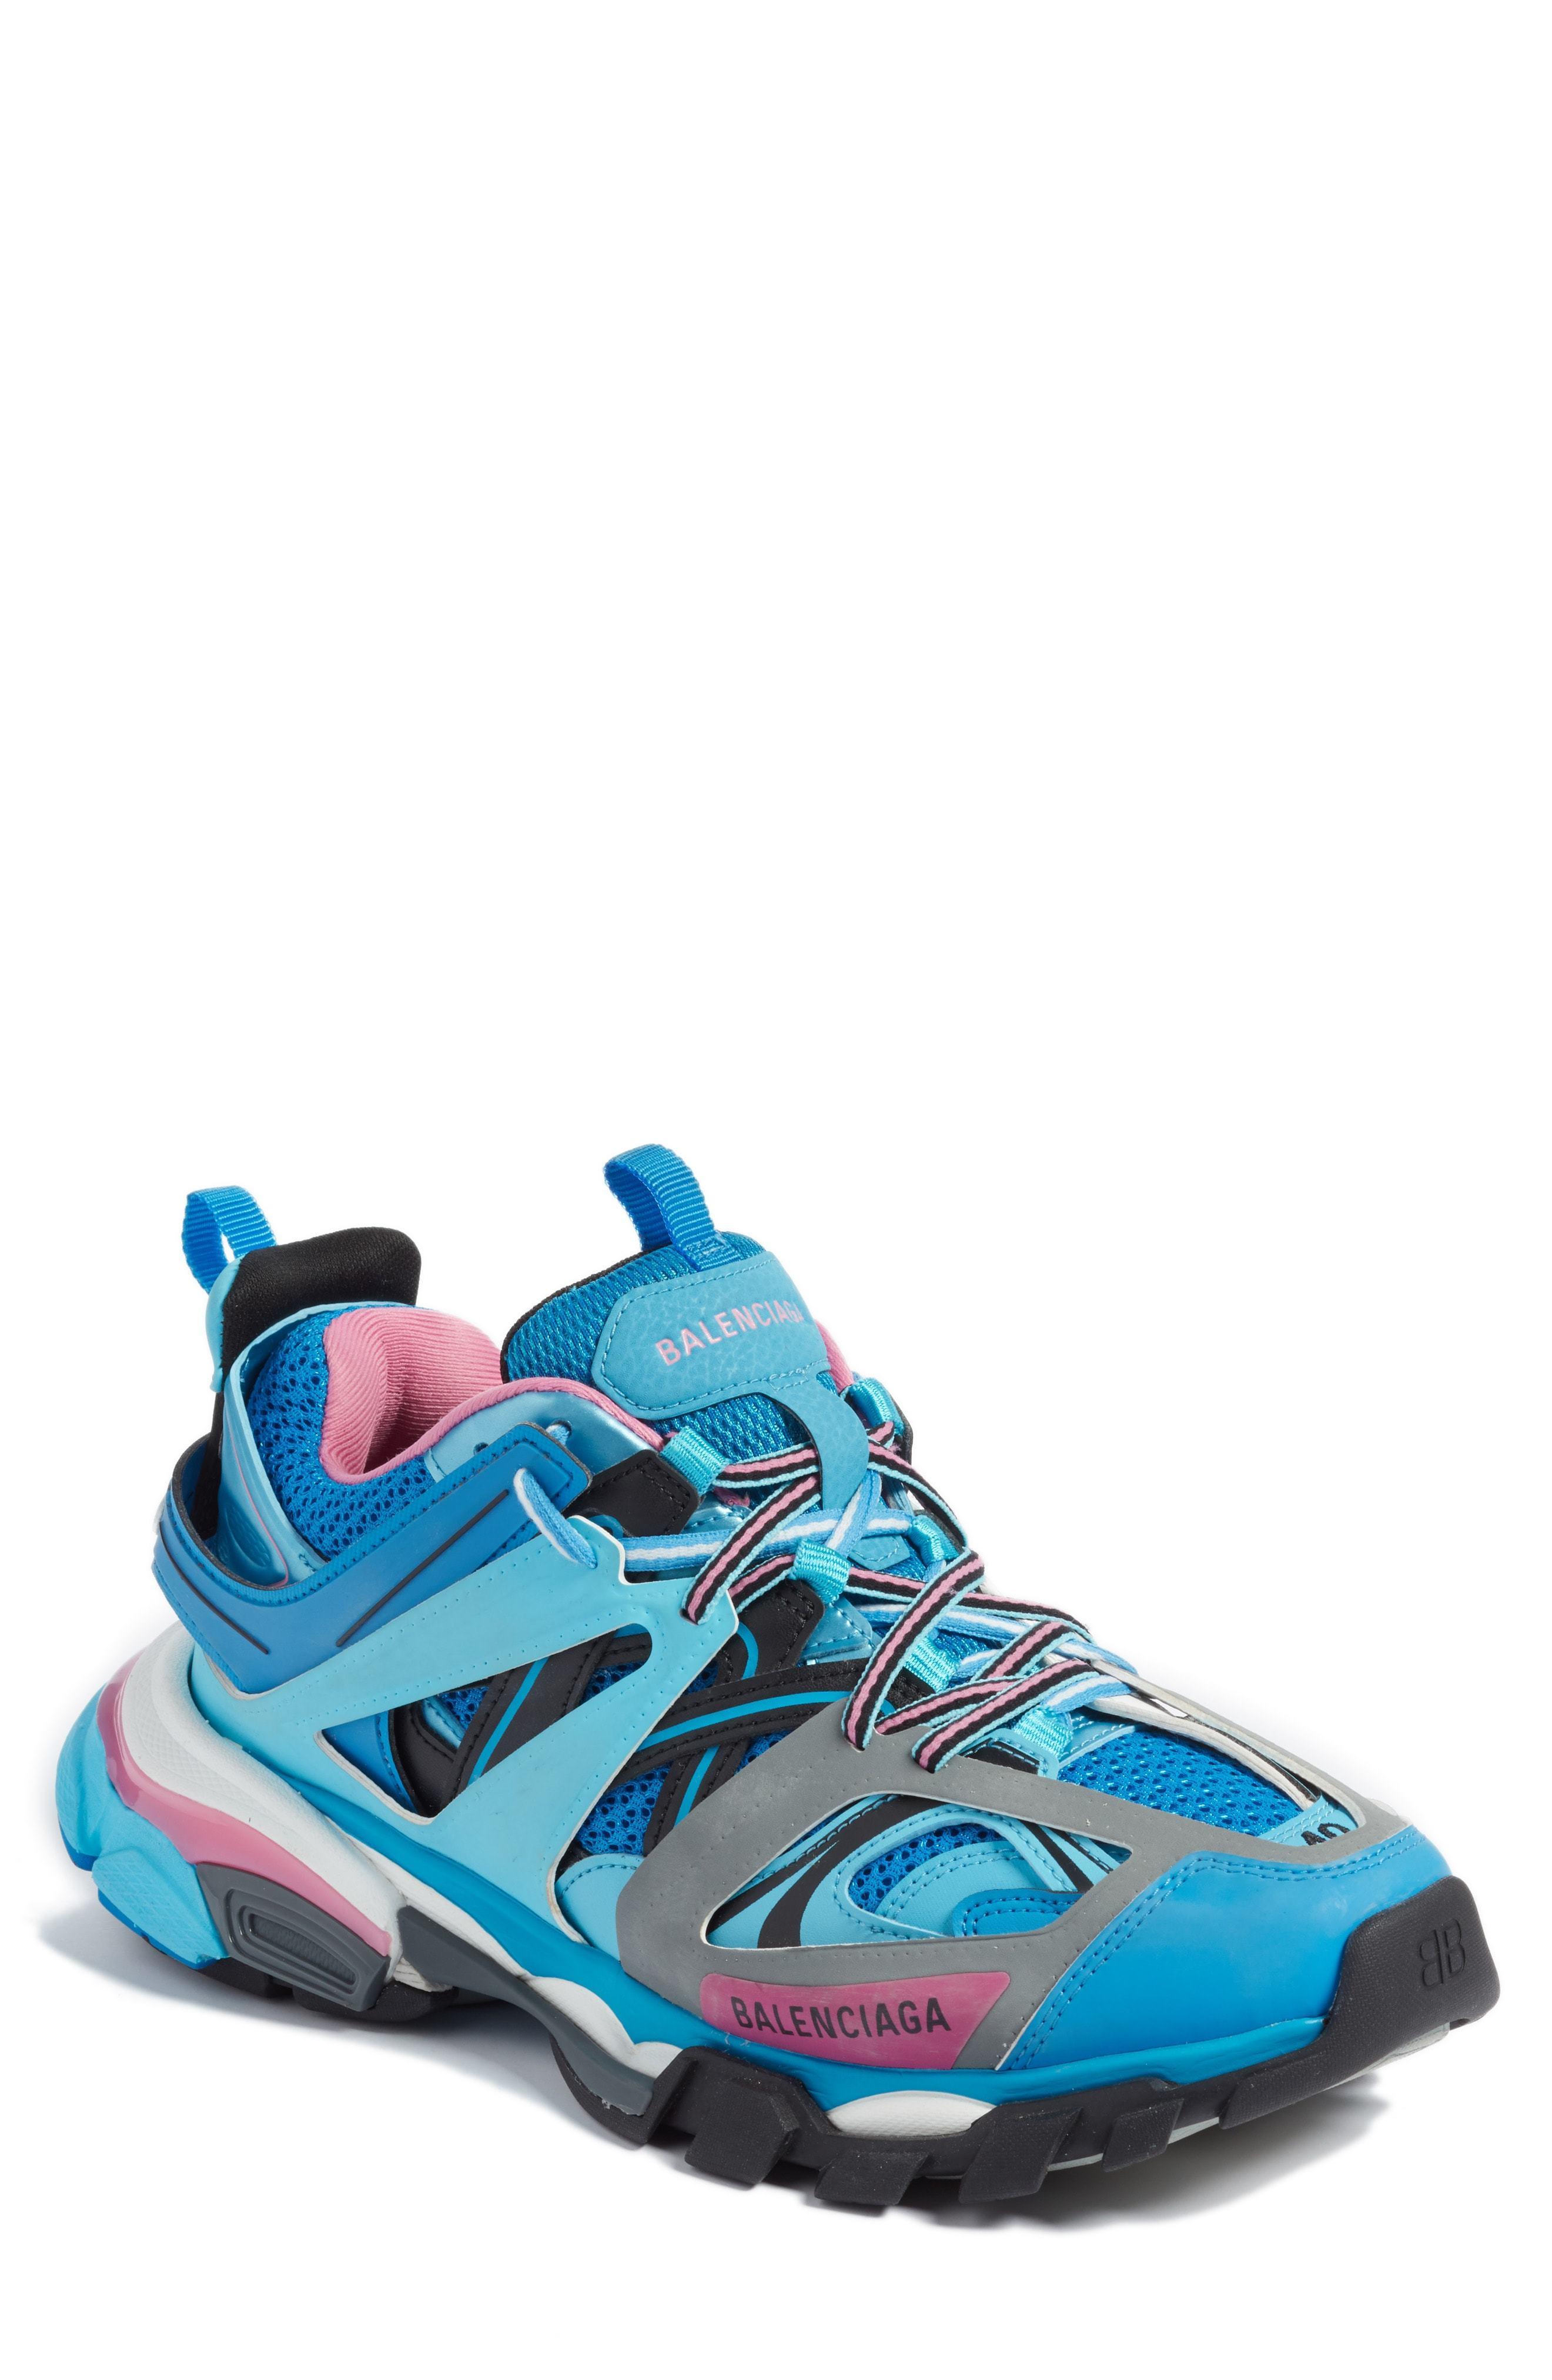 balenciaga track sneakers cheap